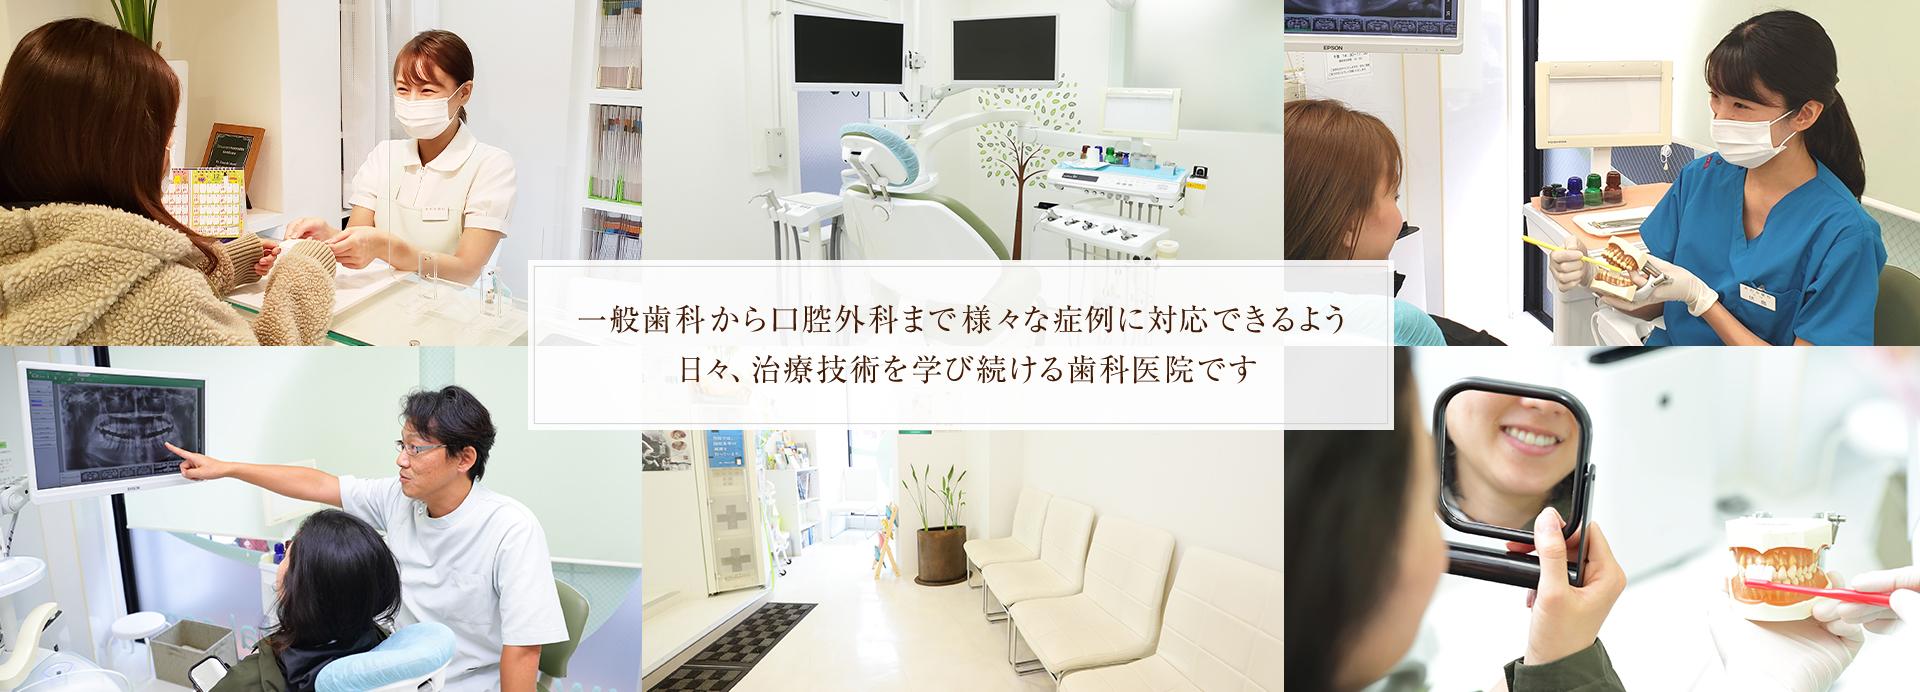 一般歯科から口腔外科まで様々な症例に対応できるよう日々、治療技術を学び続ける歯科医院です